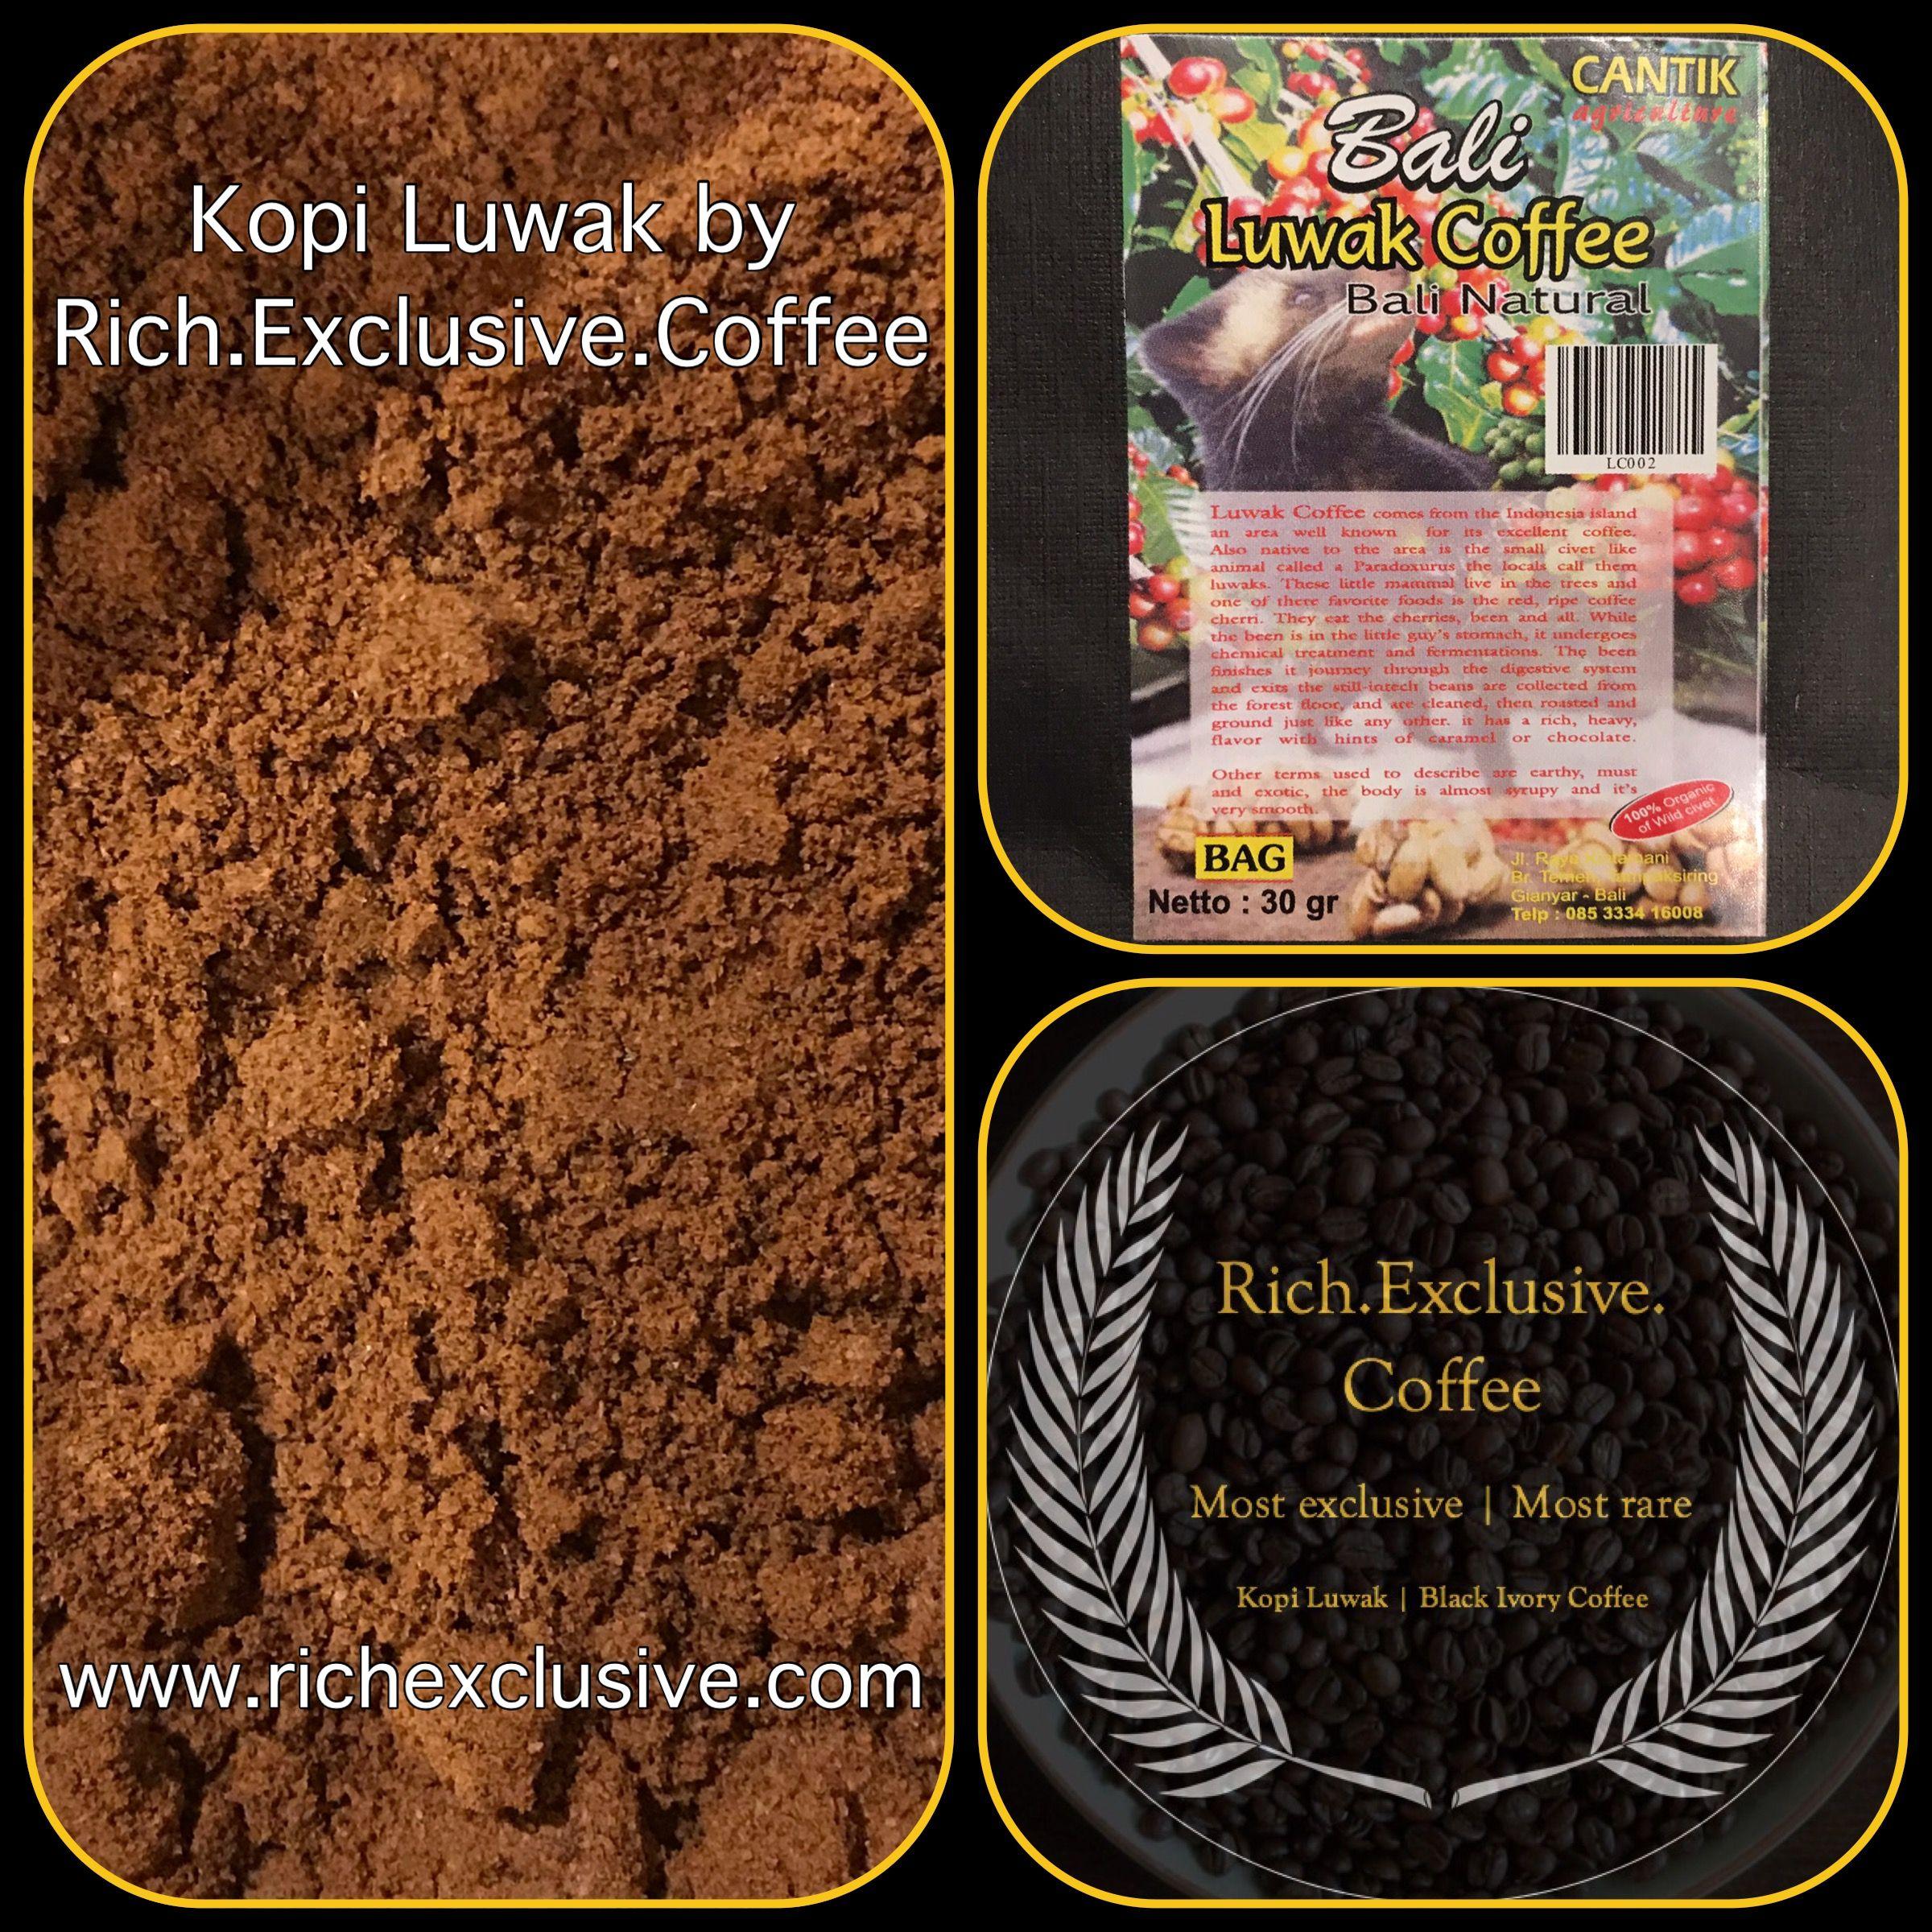 Pin op Kopi Luwak by Rich.Exclusive.Coffee